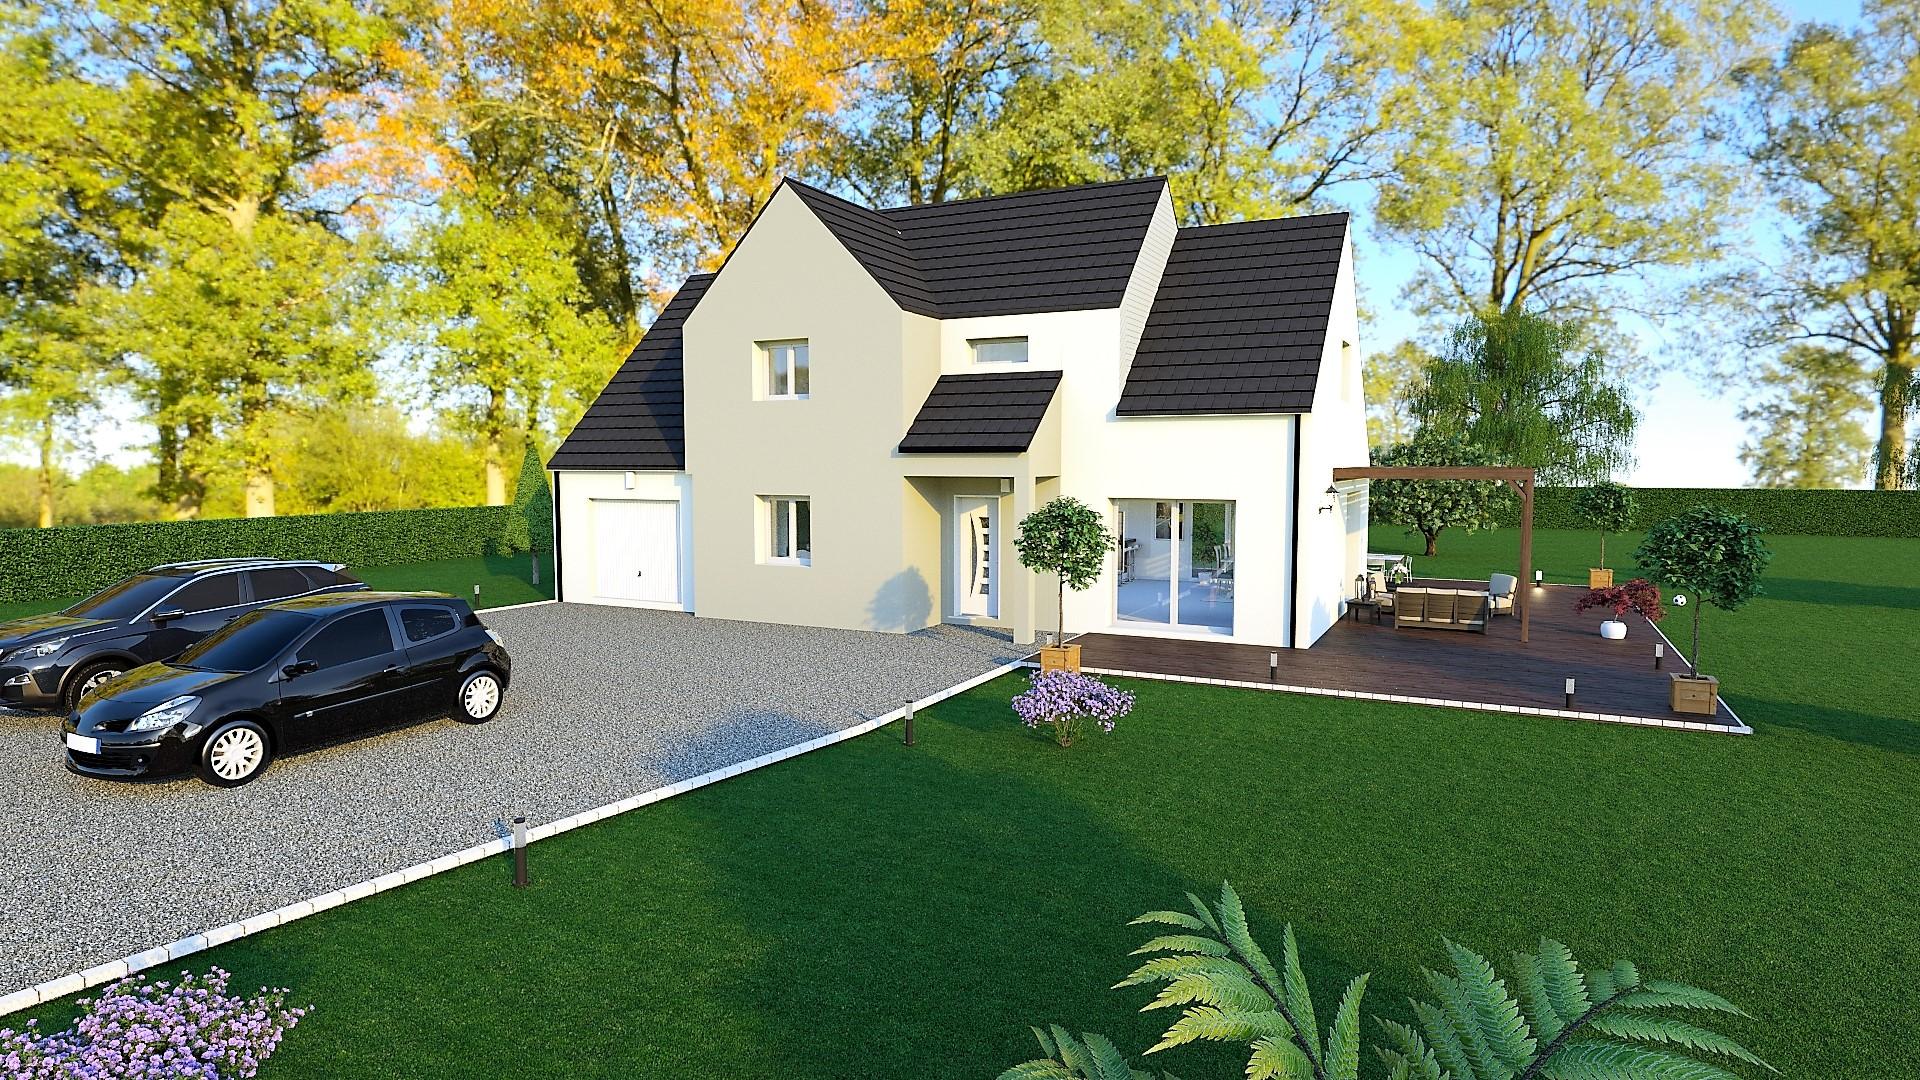 Maison Sur-mesure à Girolles avec terrain d'environ 1 300 m2 - Compagnons Constructeurs